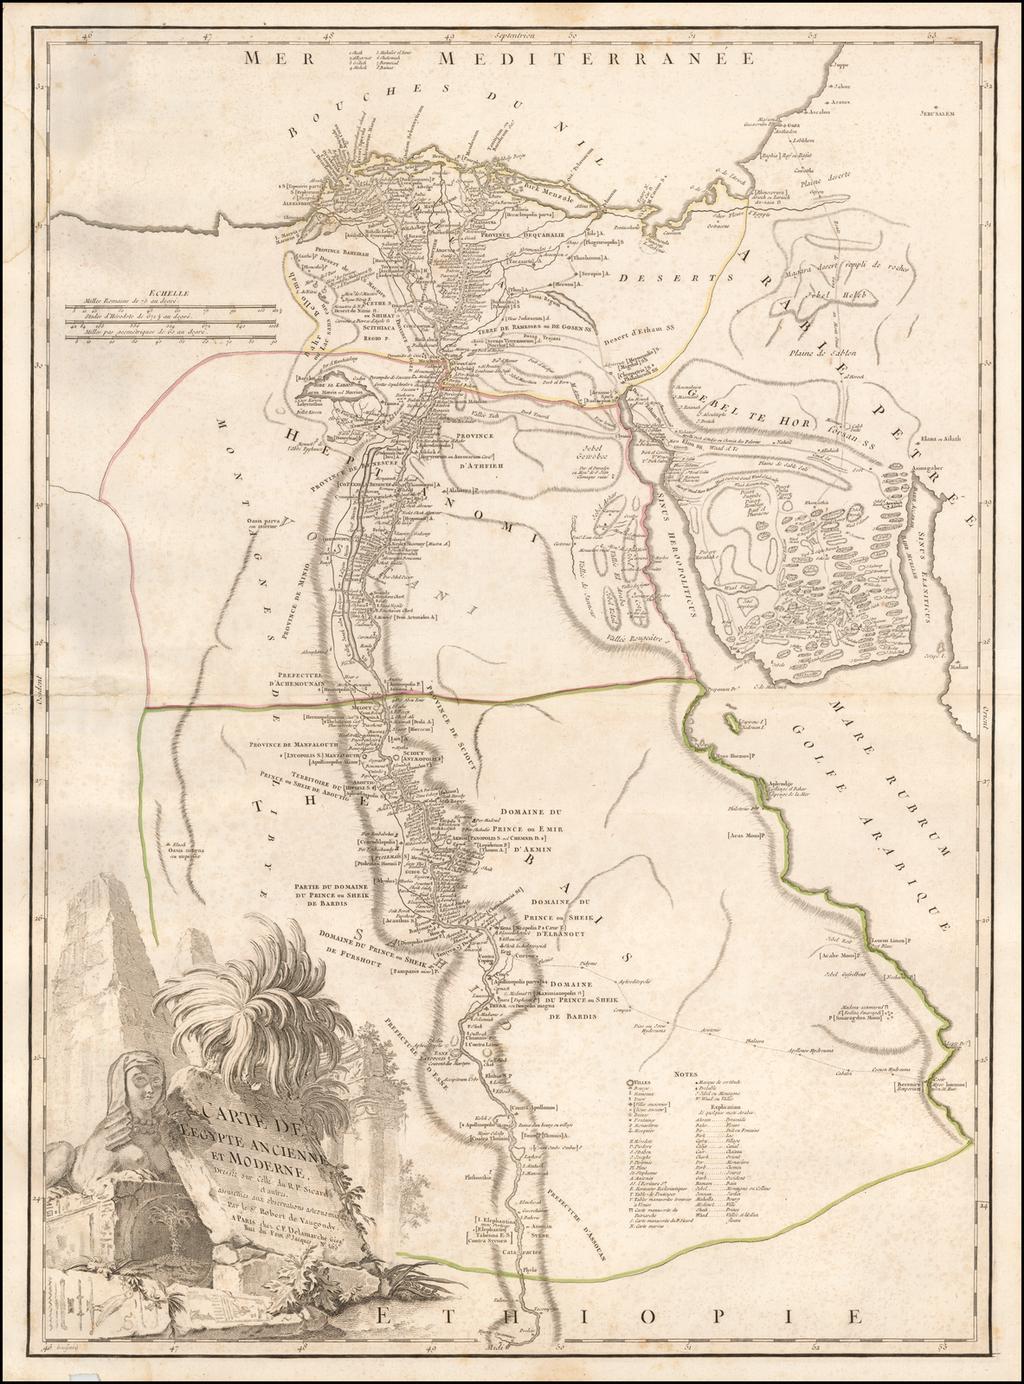 Carte De L'Egypte Ancienne et Moderne Dressee sure Celle du R.P. Sicard et autres . . .   By Charles Francois Delamarche